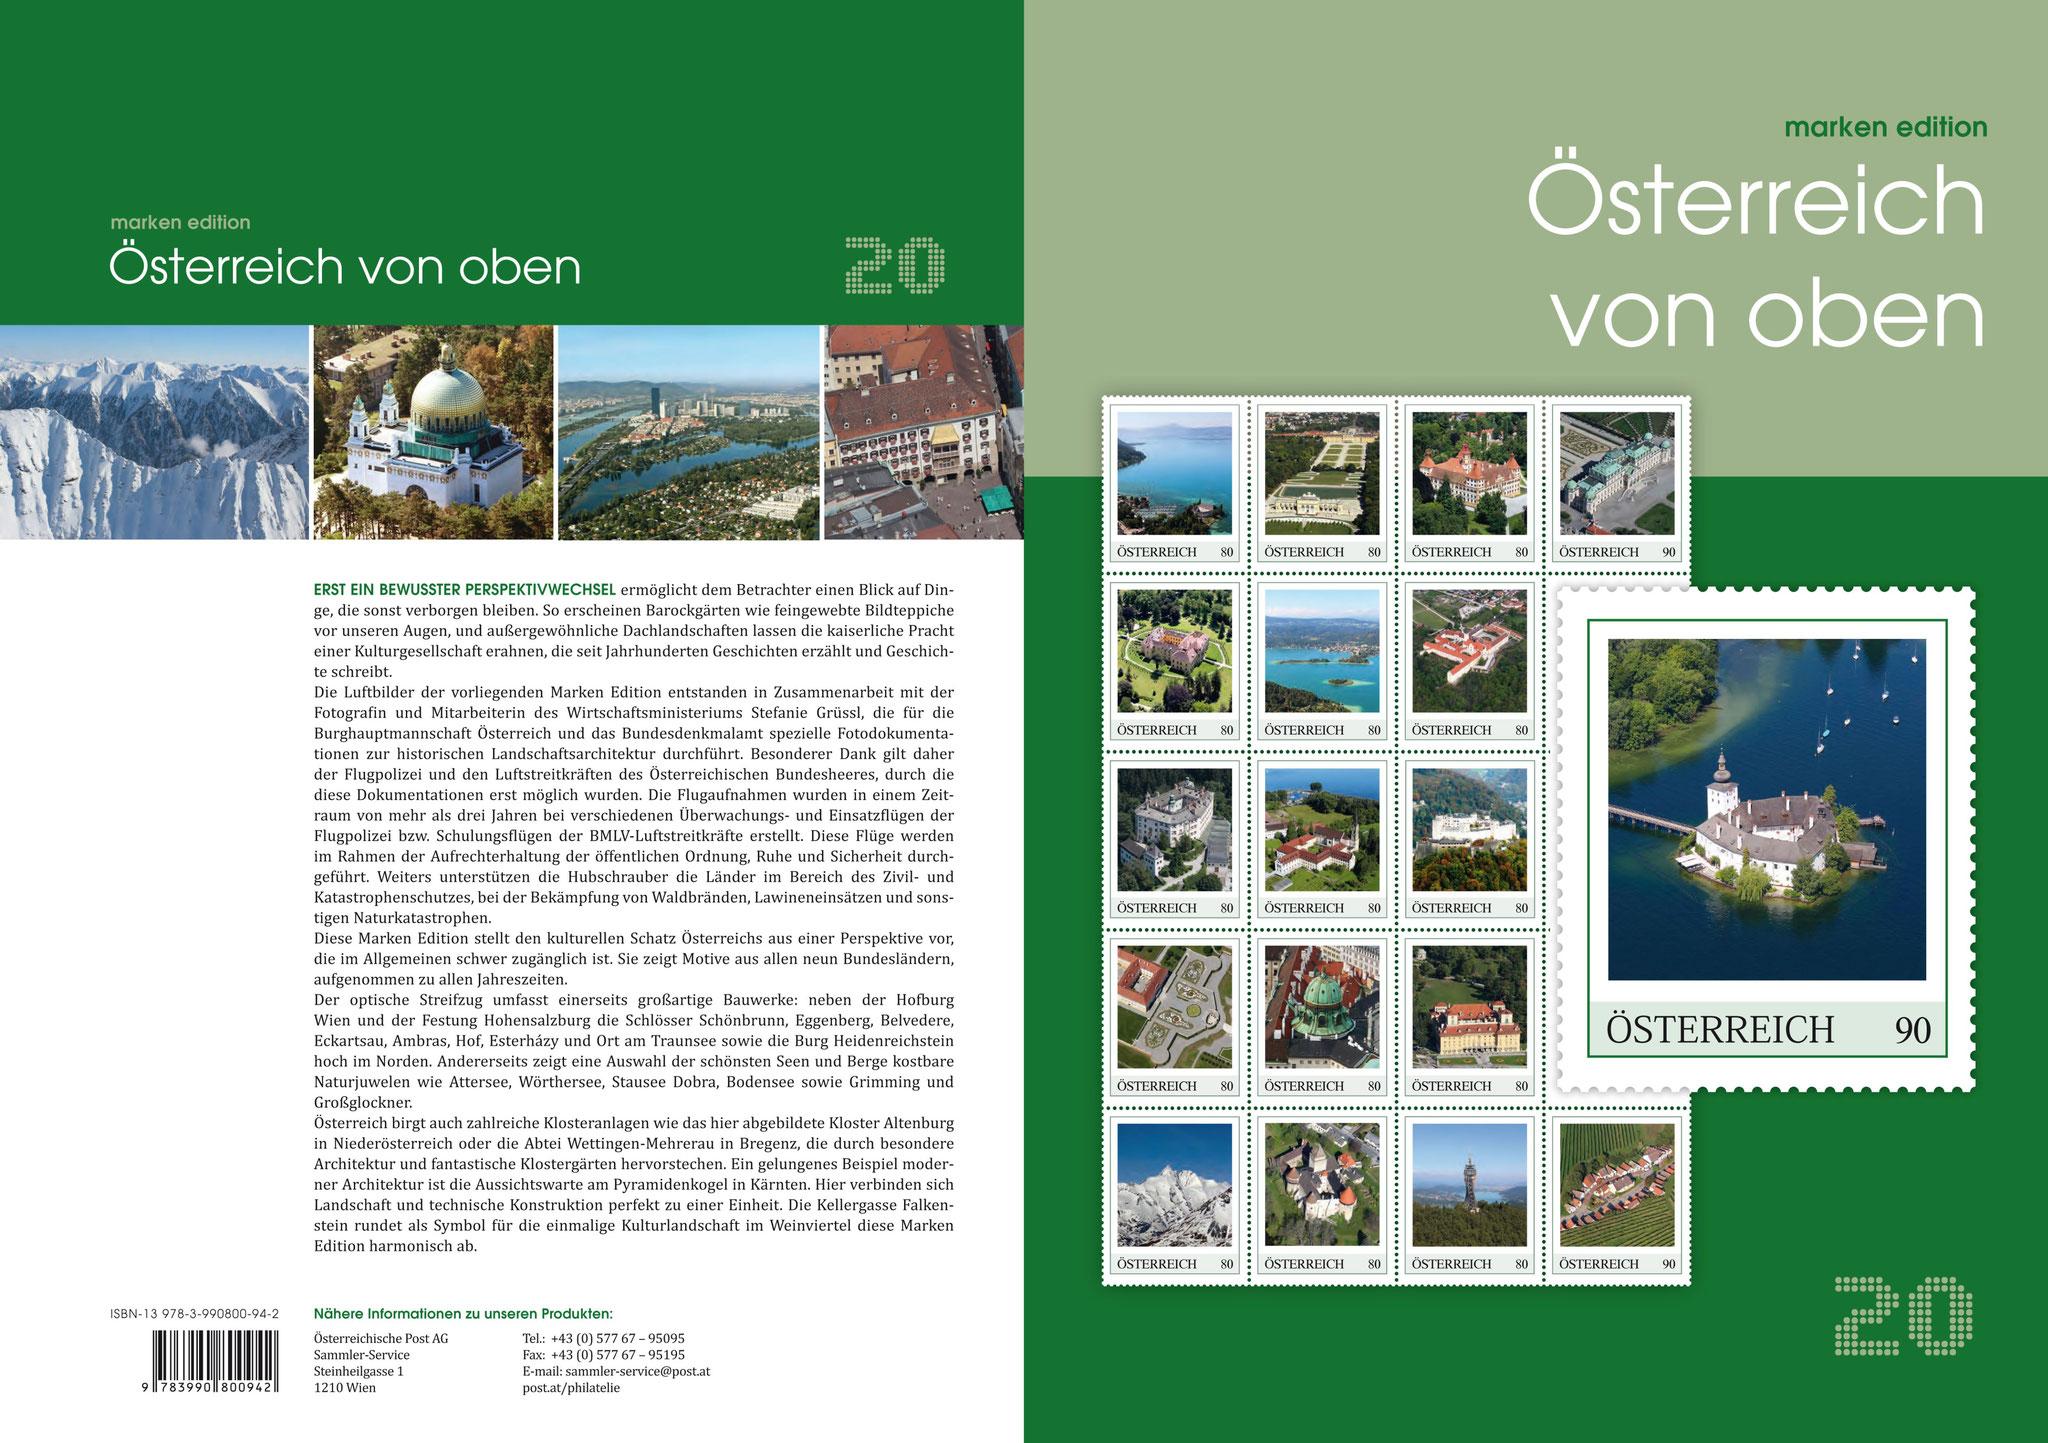 """Markenedition """"Österreich von oben"""" für die POST AG"""